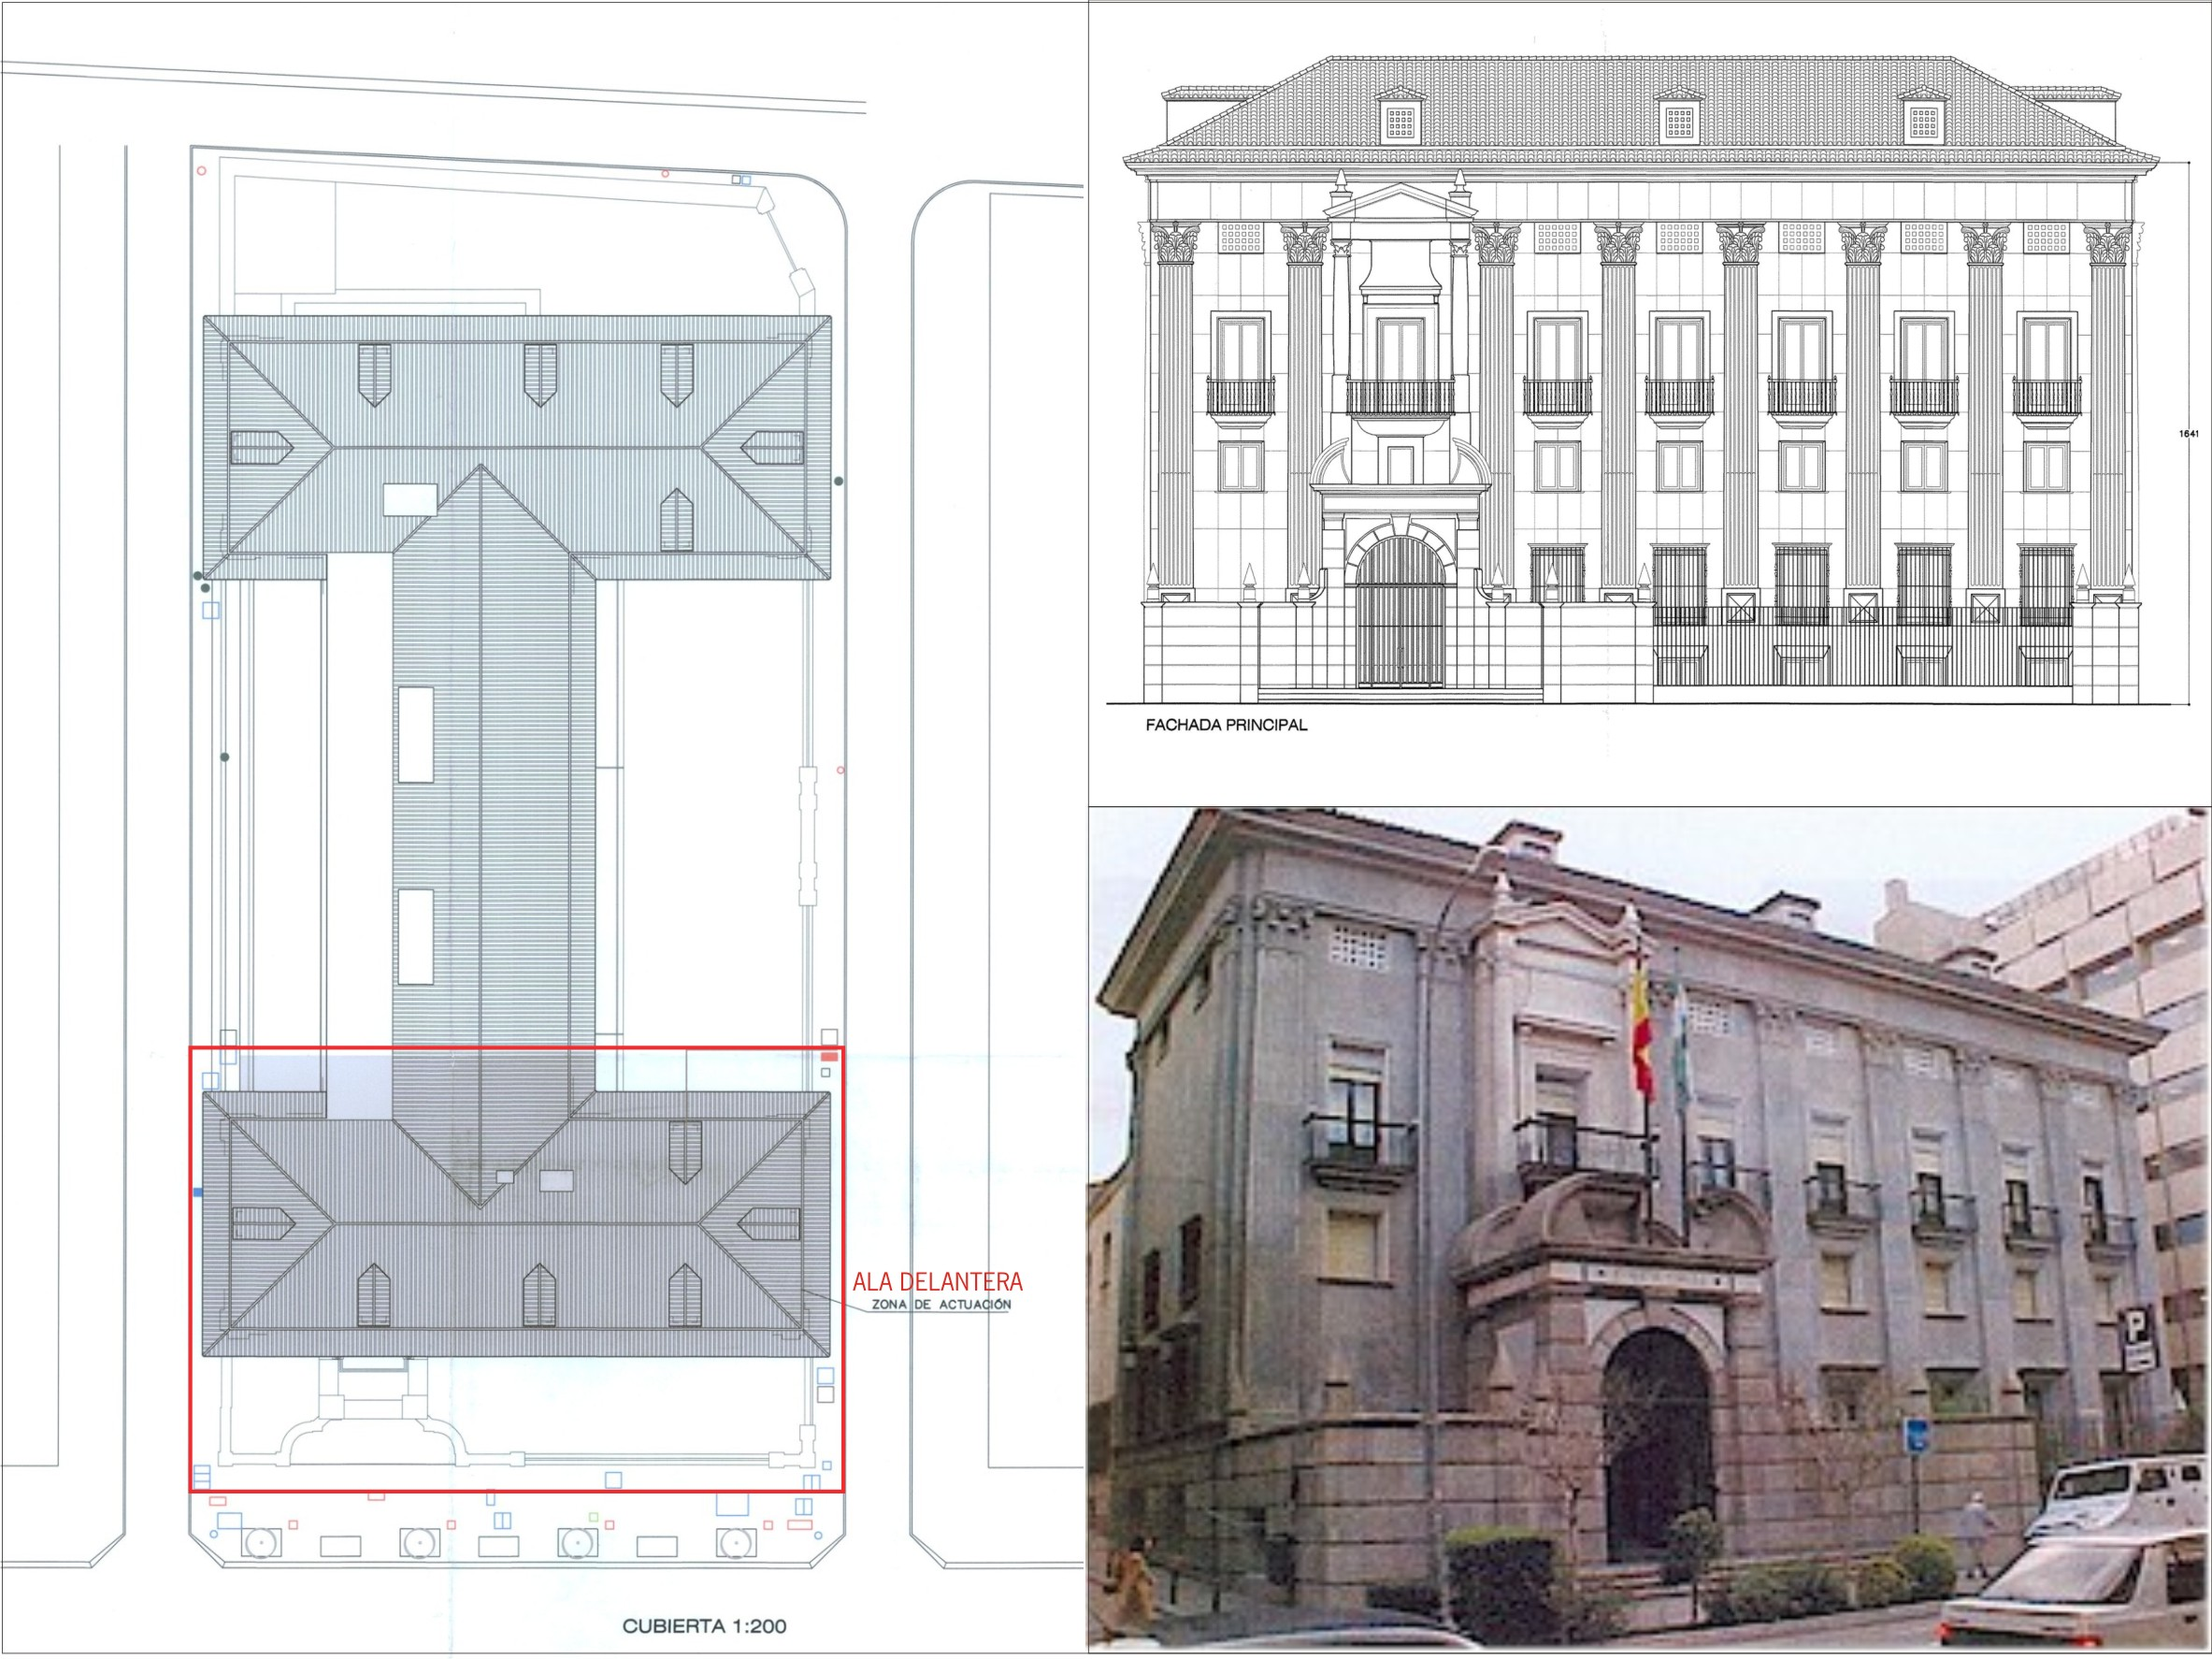 Planta general del edificio del Banco de España y fachada principal.